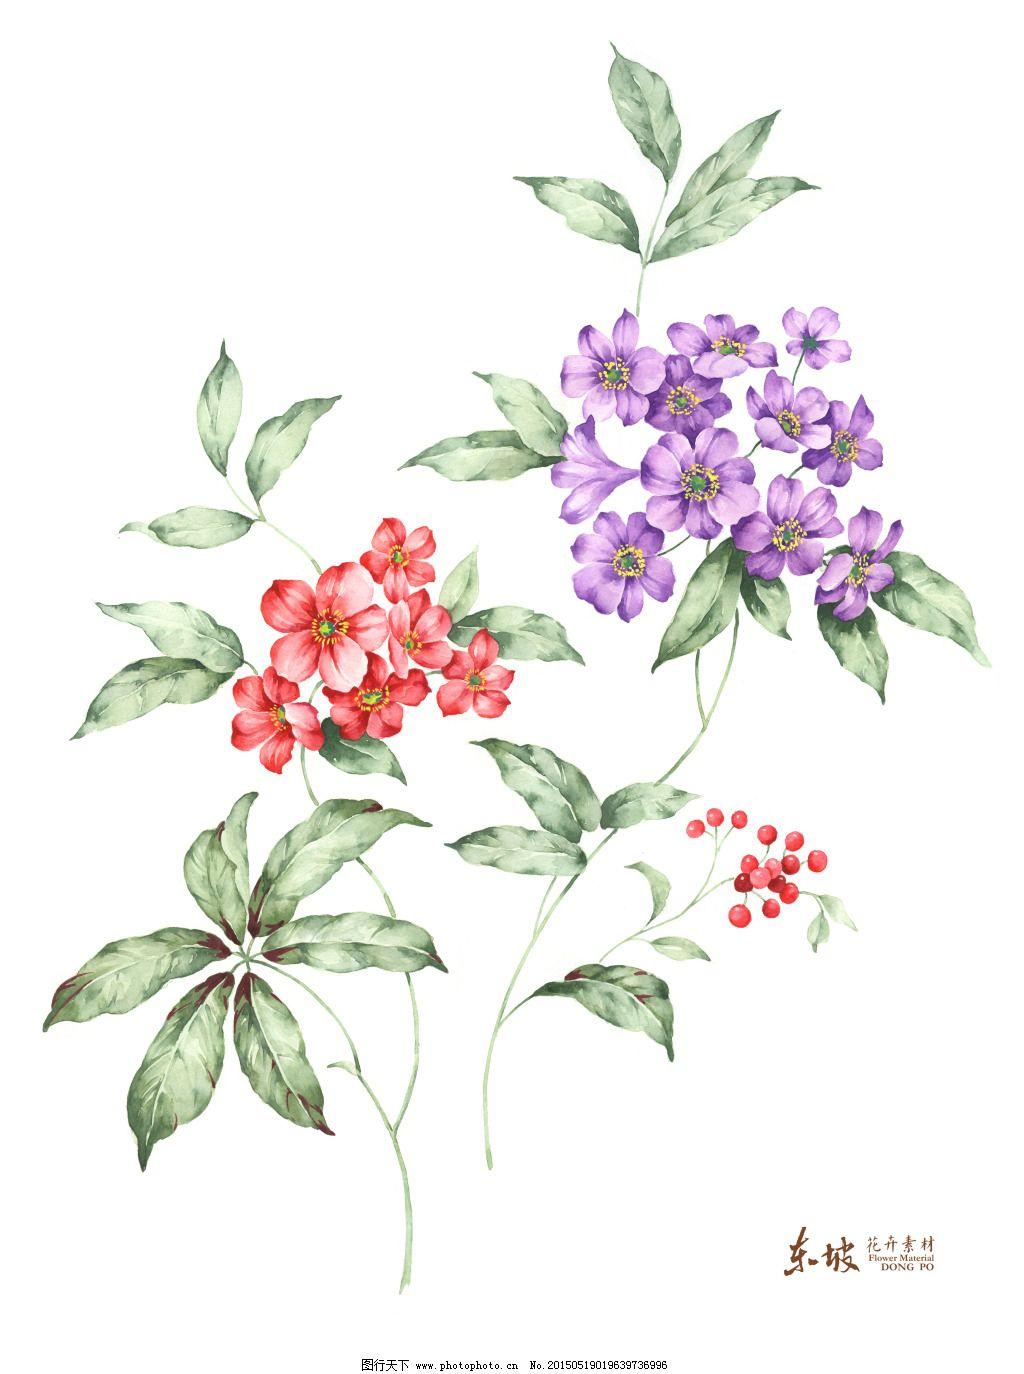 小碎花手绘免费下载 花卉素材